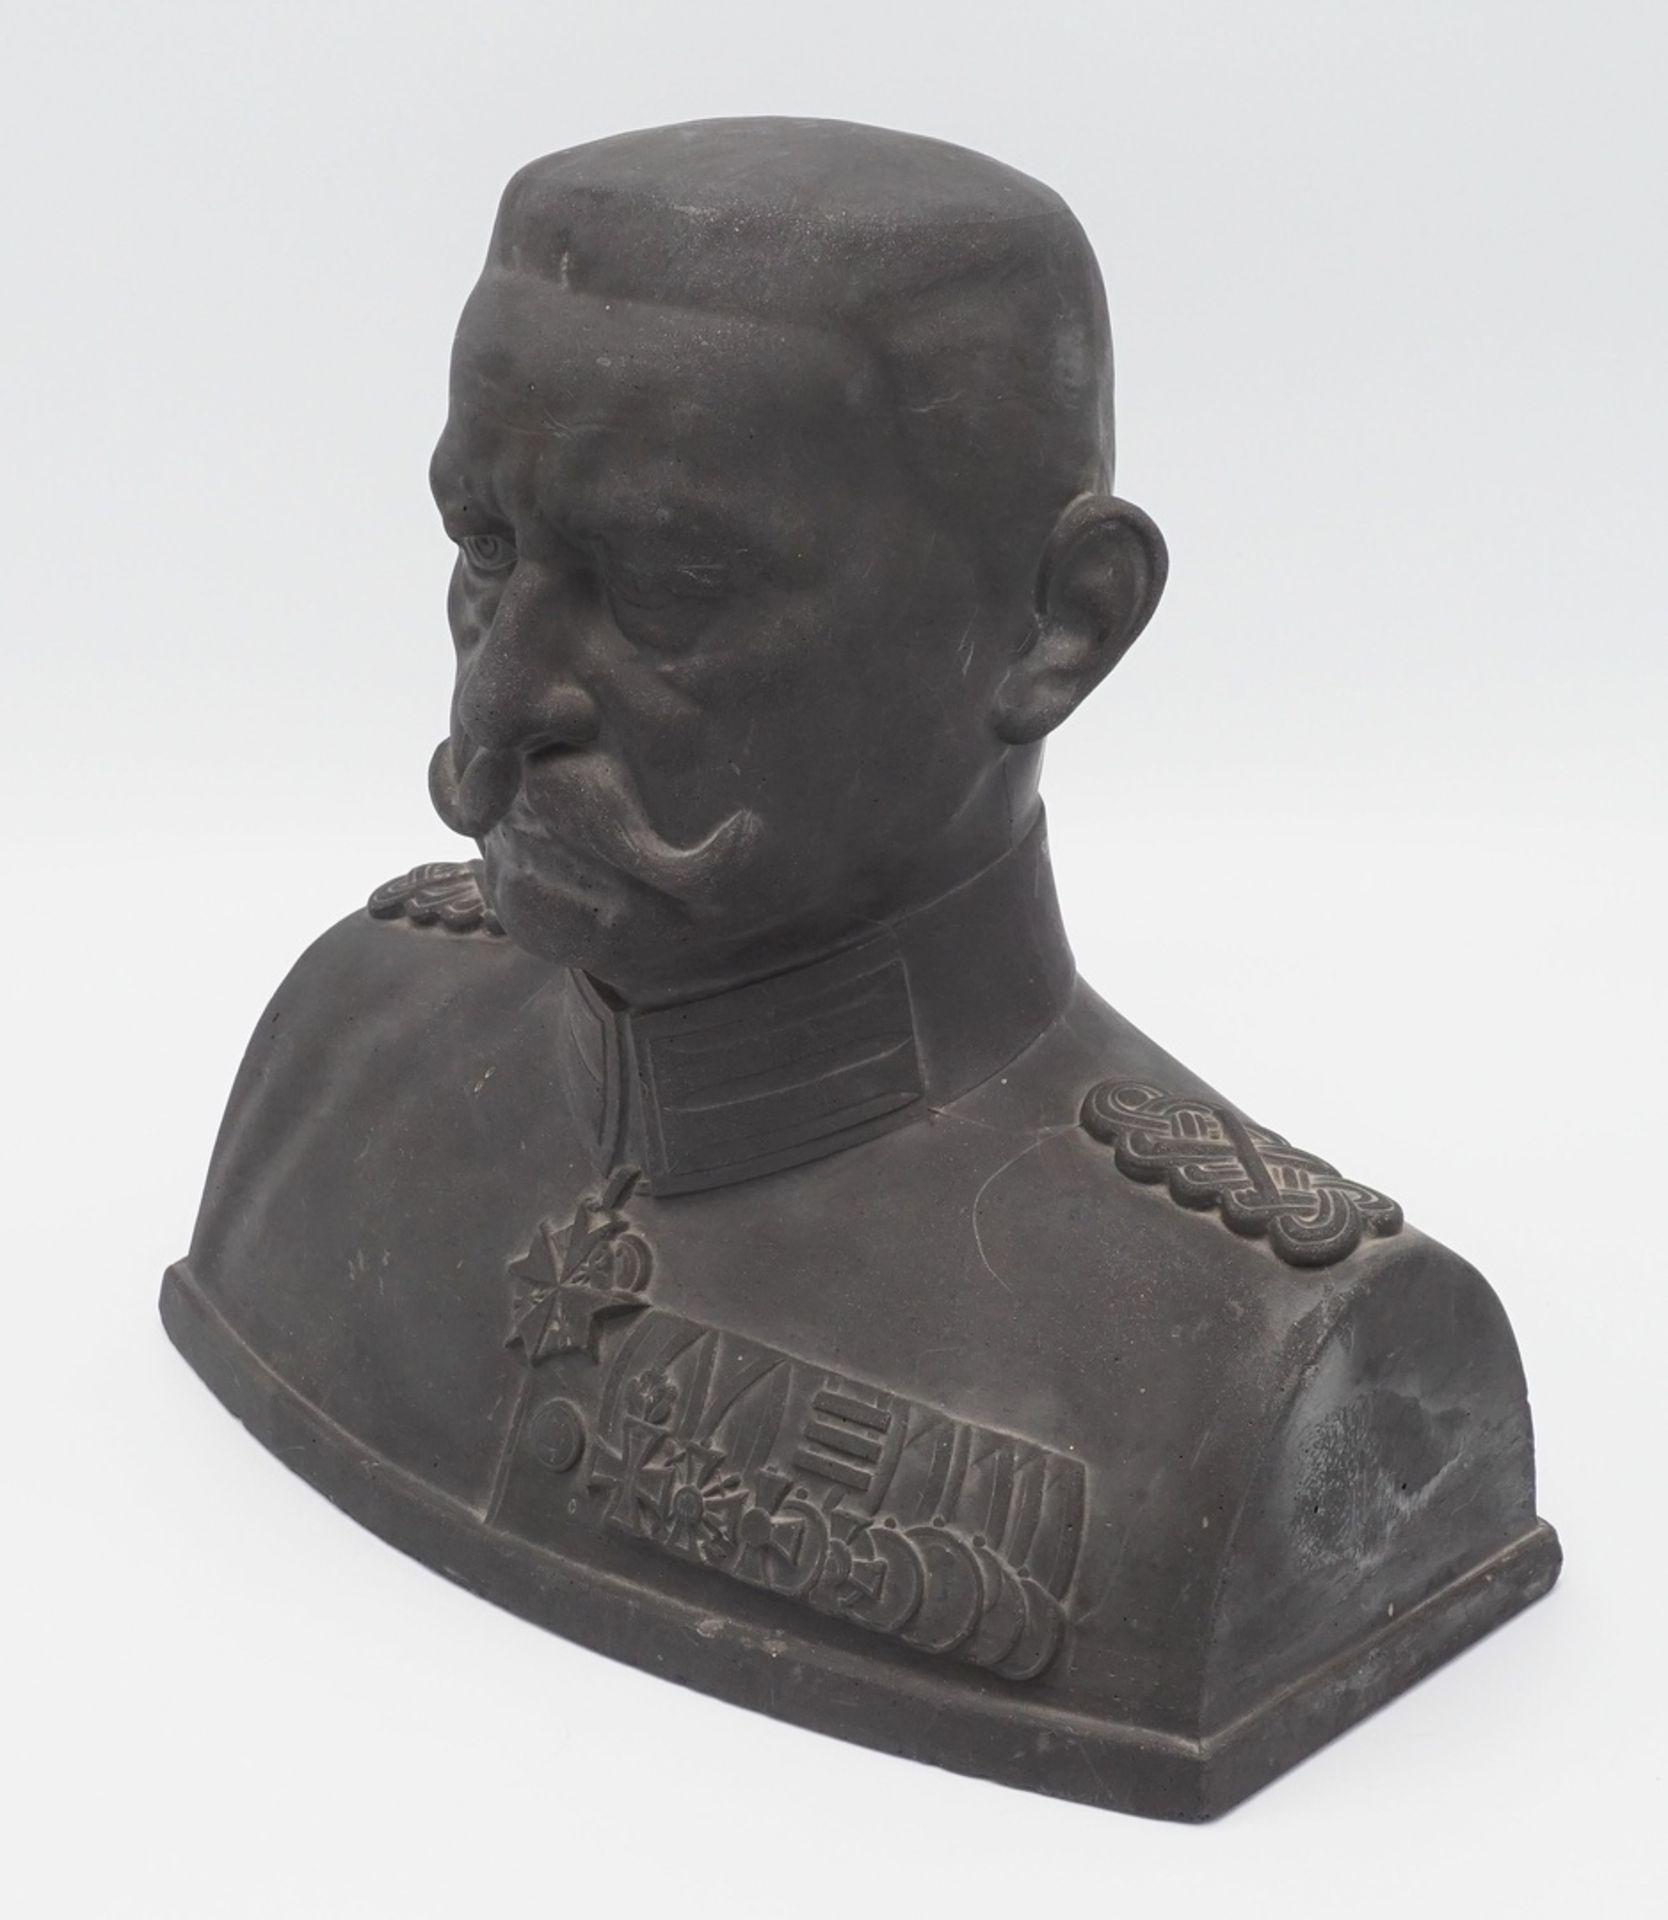 Otto Schmidt-Hofer, Büste von Generalfeldmarschall von Hindenburg, um 1910